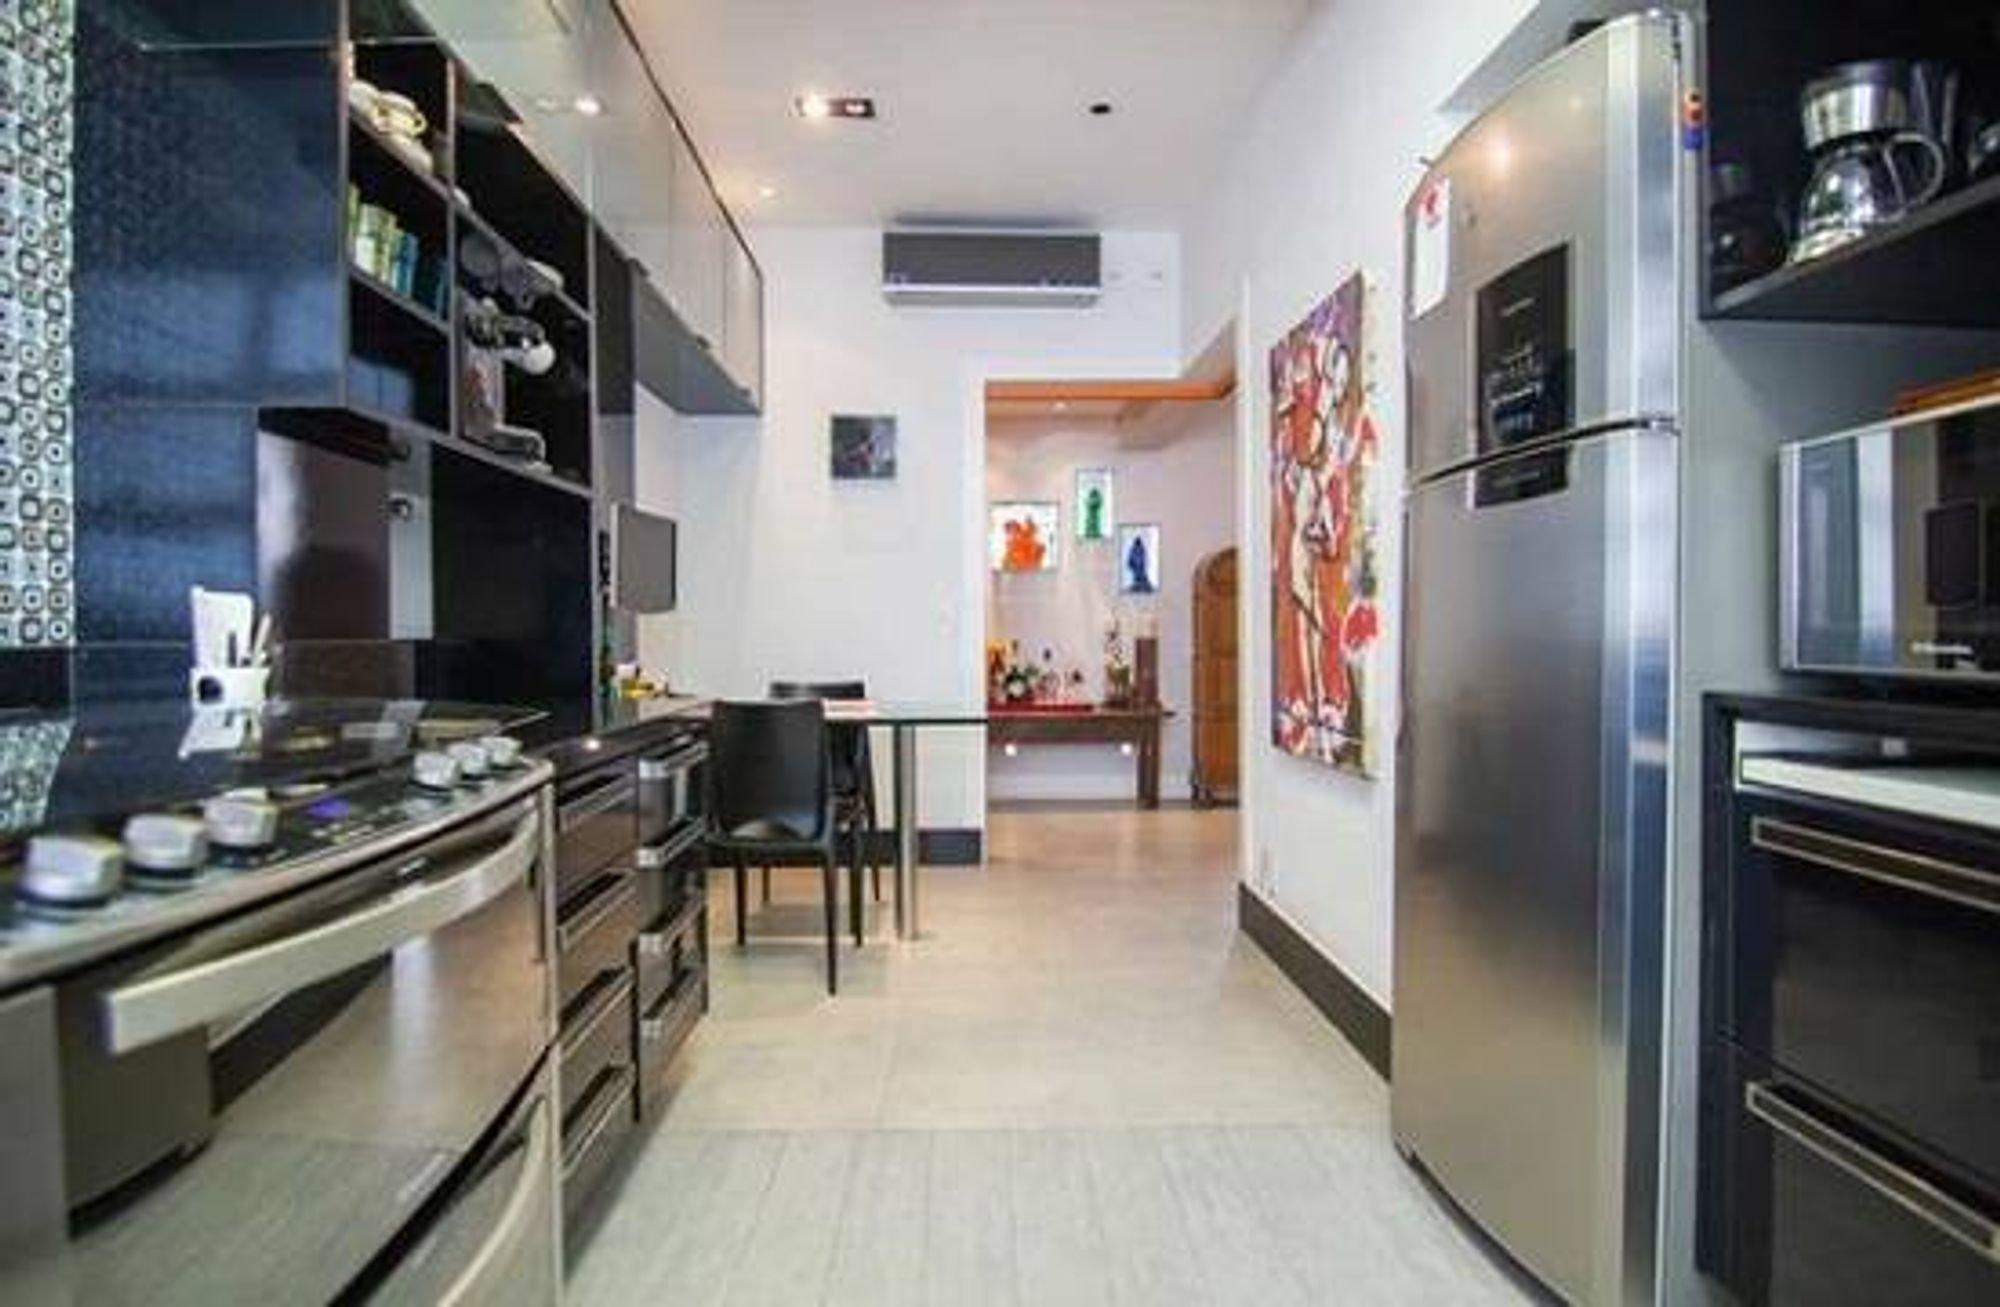 Foto de Cozinha com forno, geladeira, cadeira, microondas